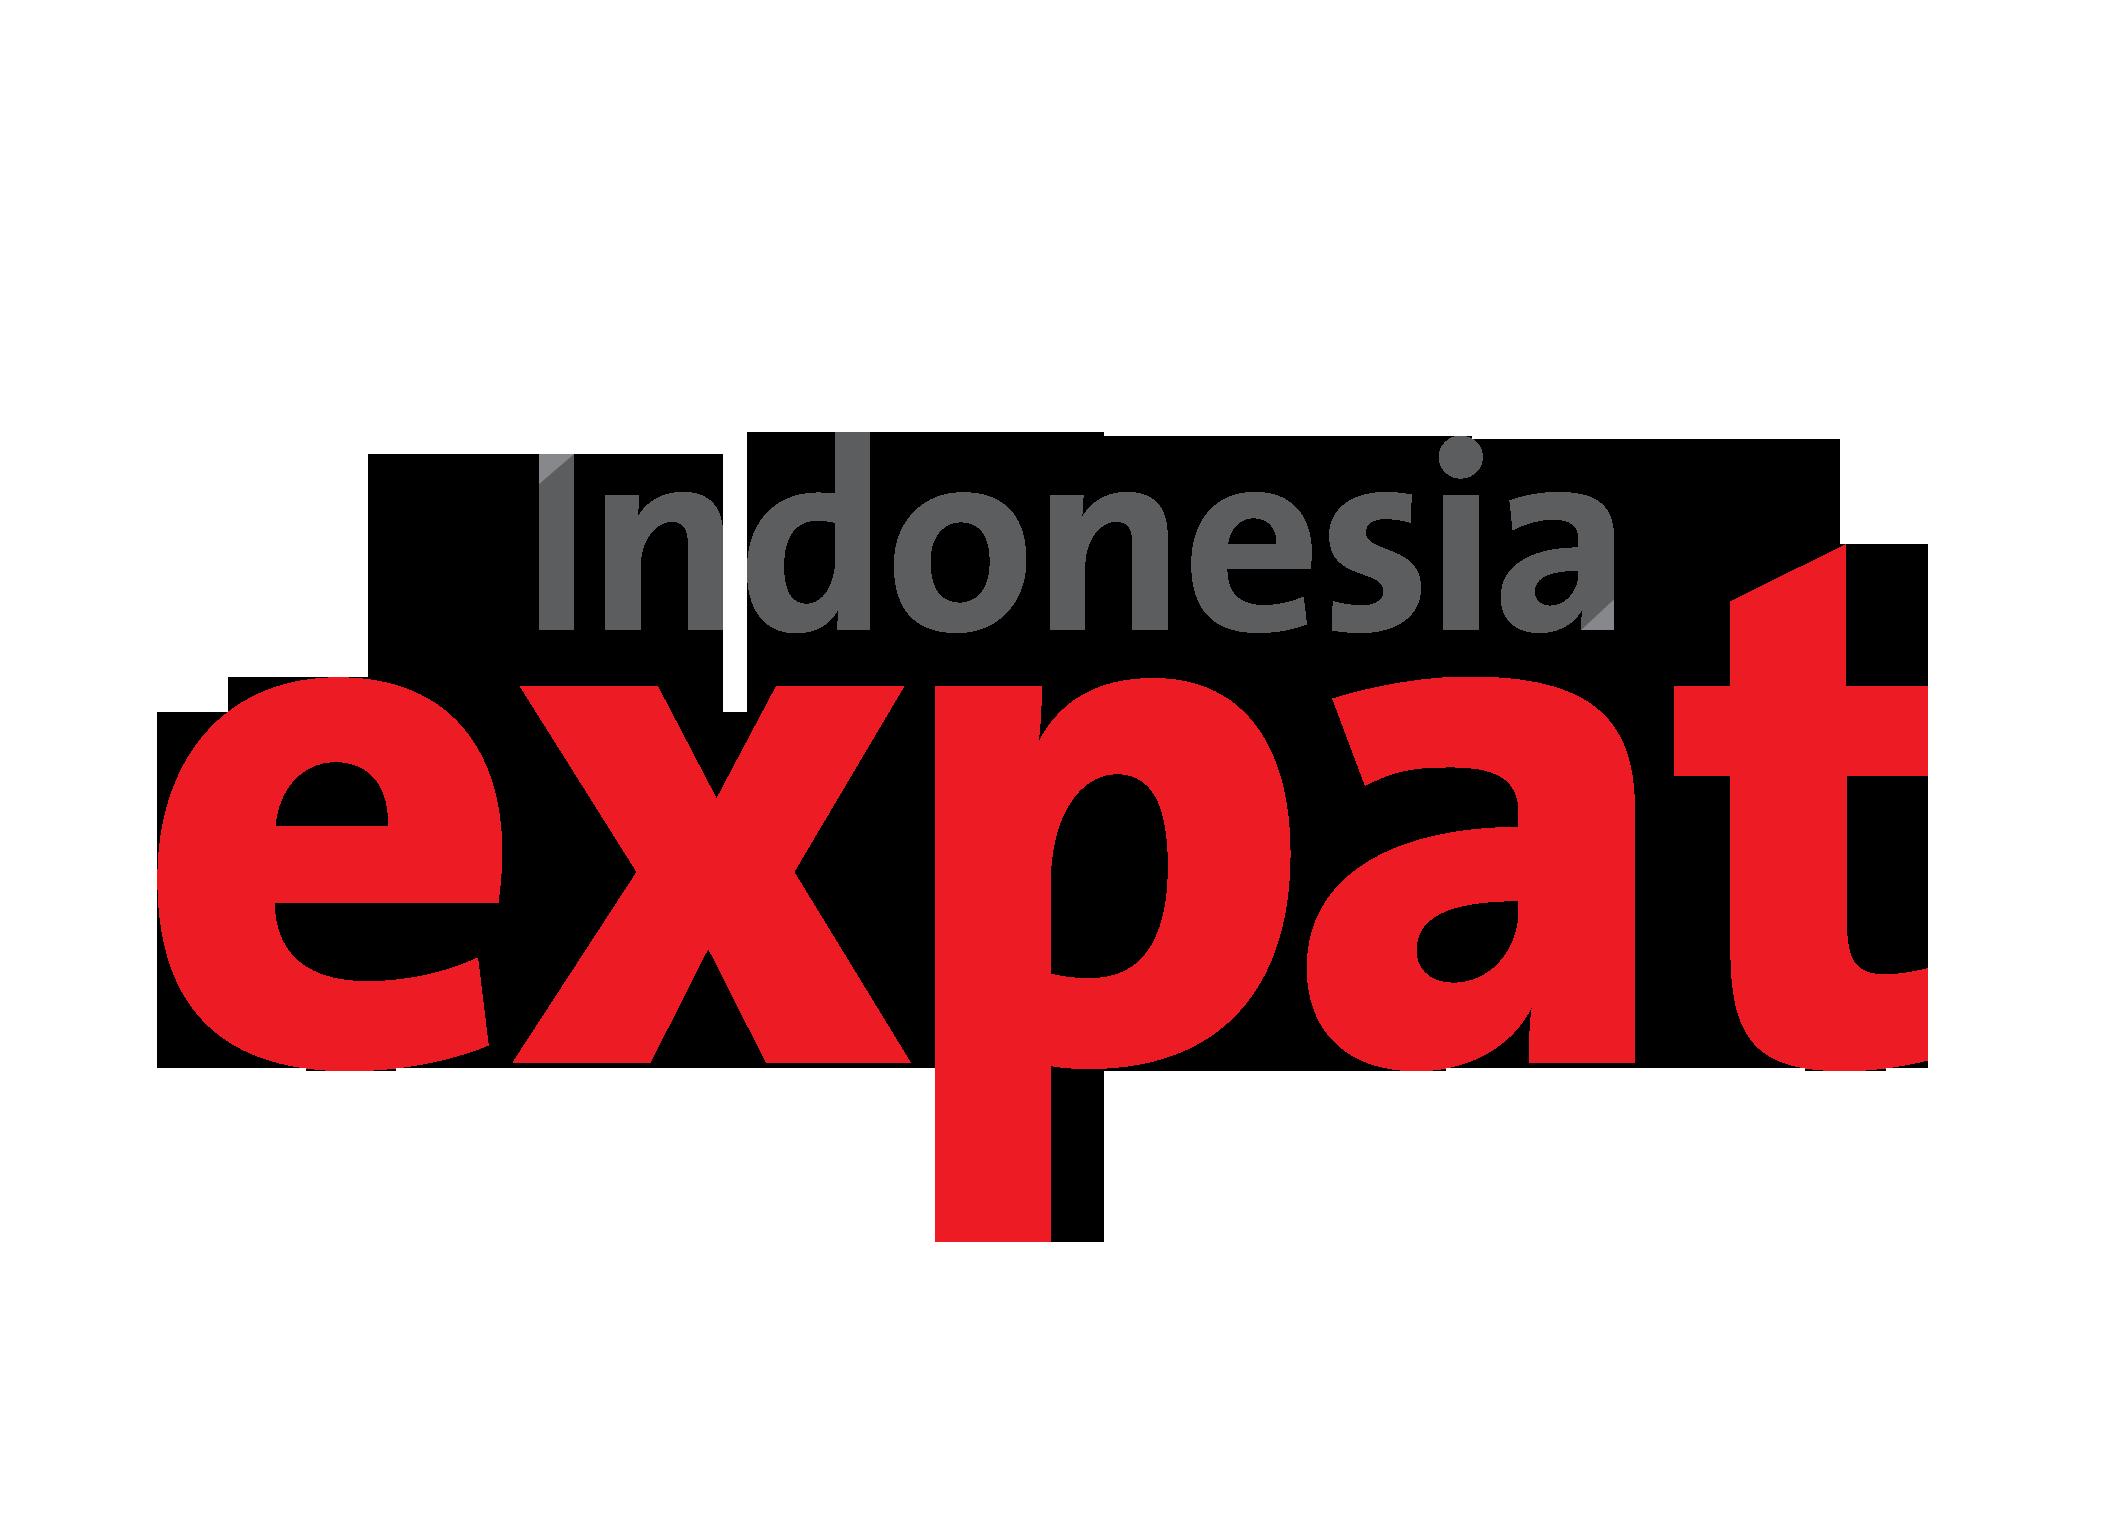 Indonesia Expat